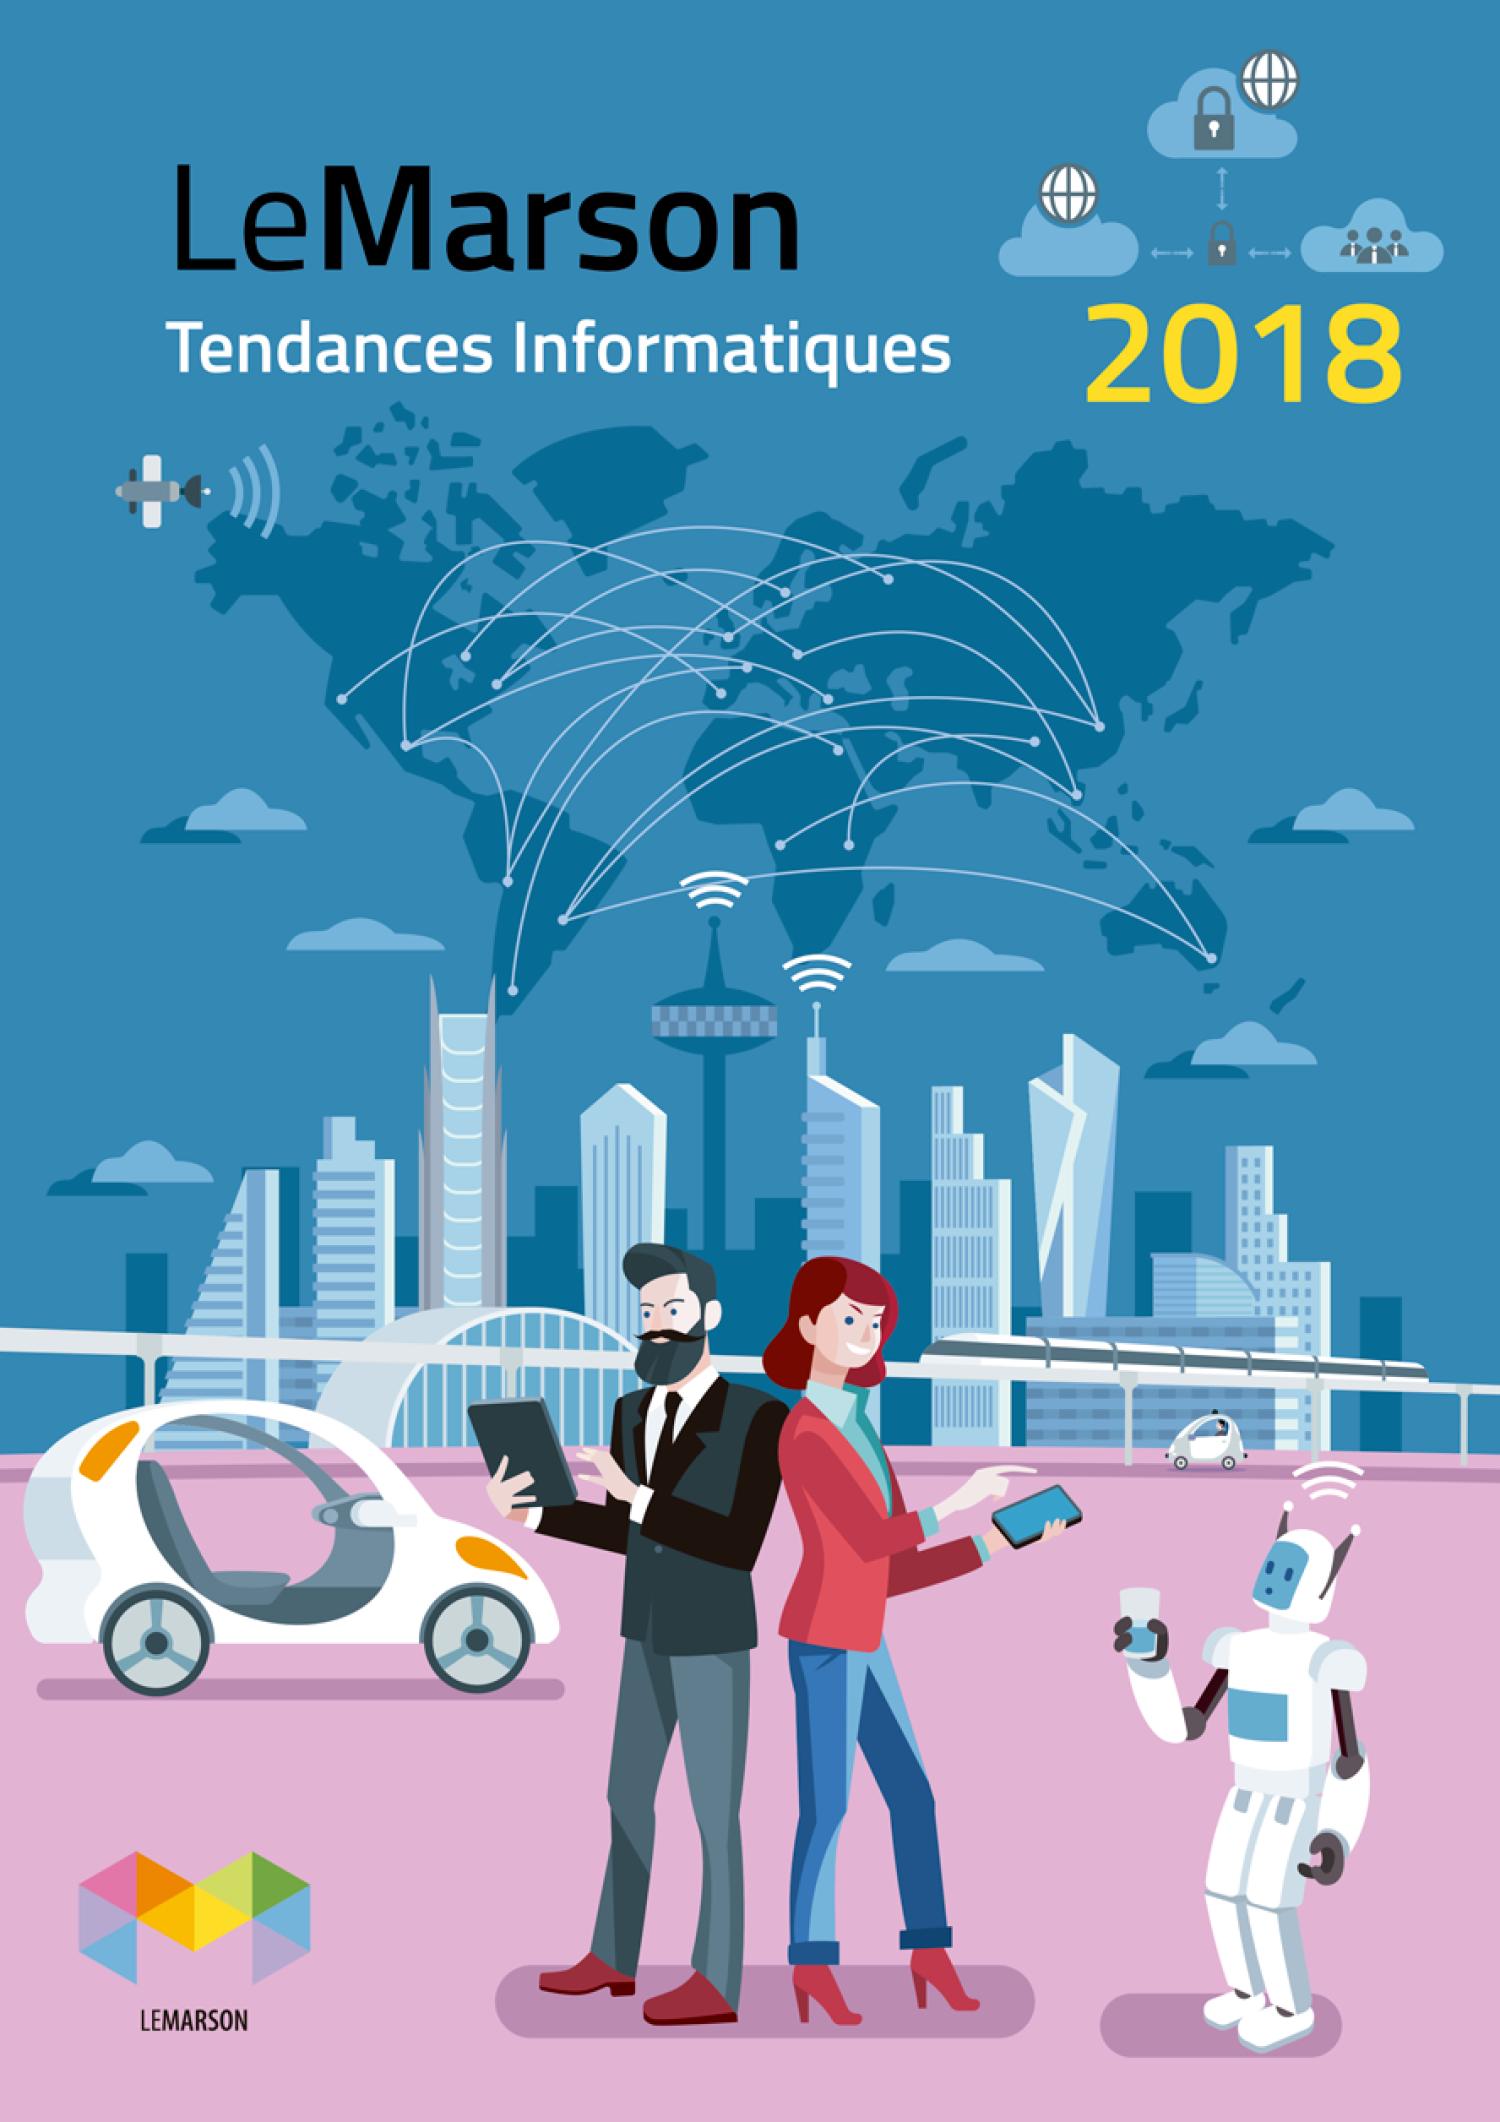 Tendances-informatiques-2018-1